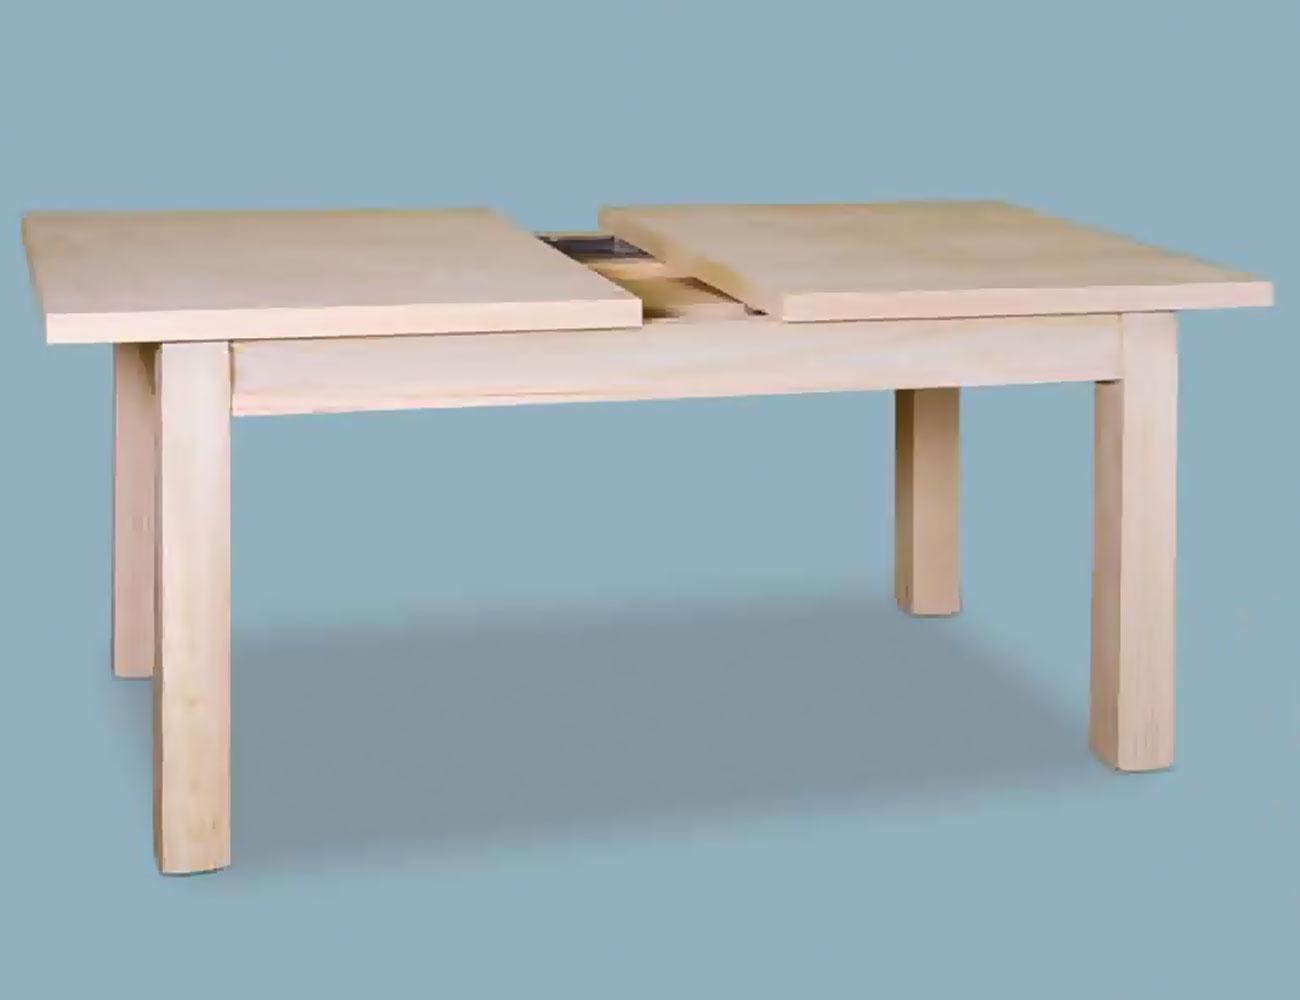 Mesa comedor extraible tapa 40 140 cm en madera con patas - Mesas comedor extensibles madera ...